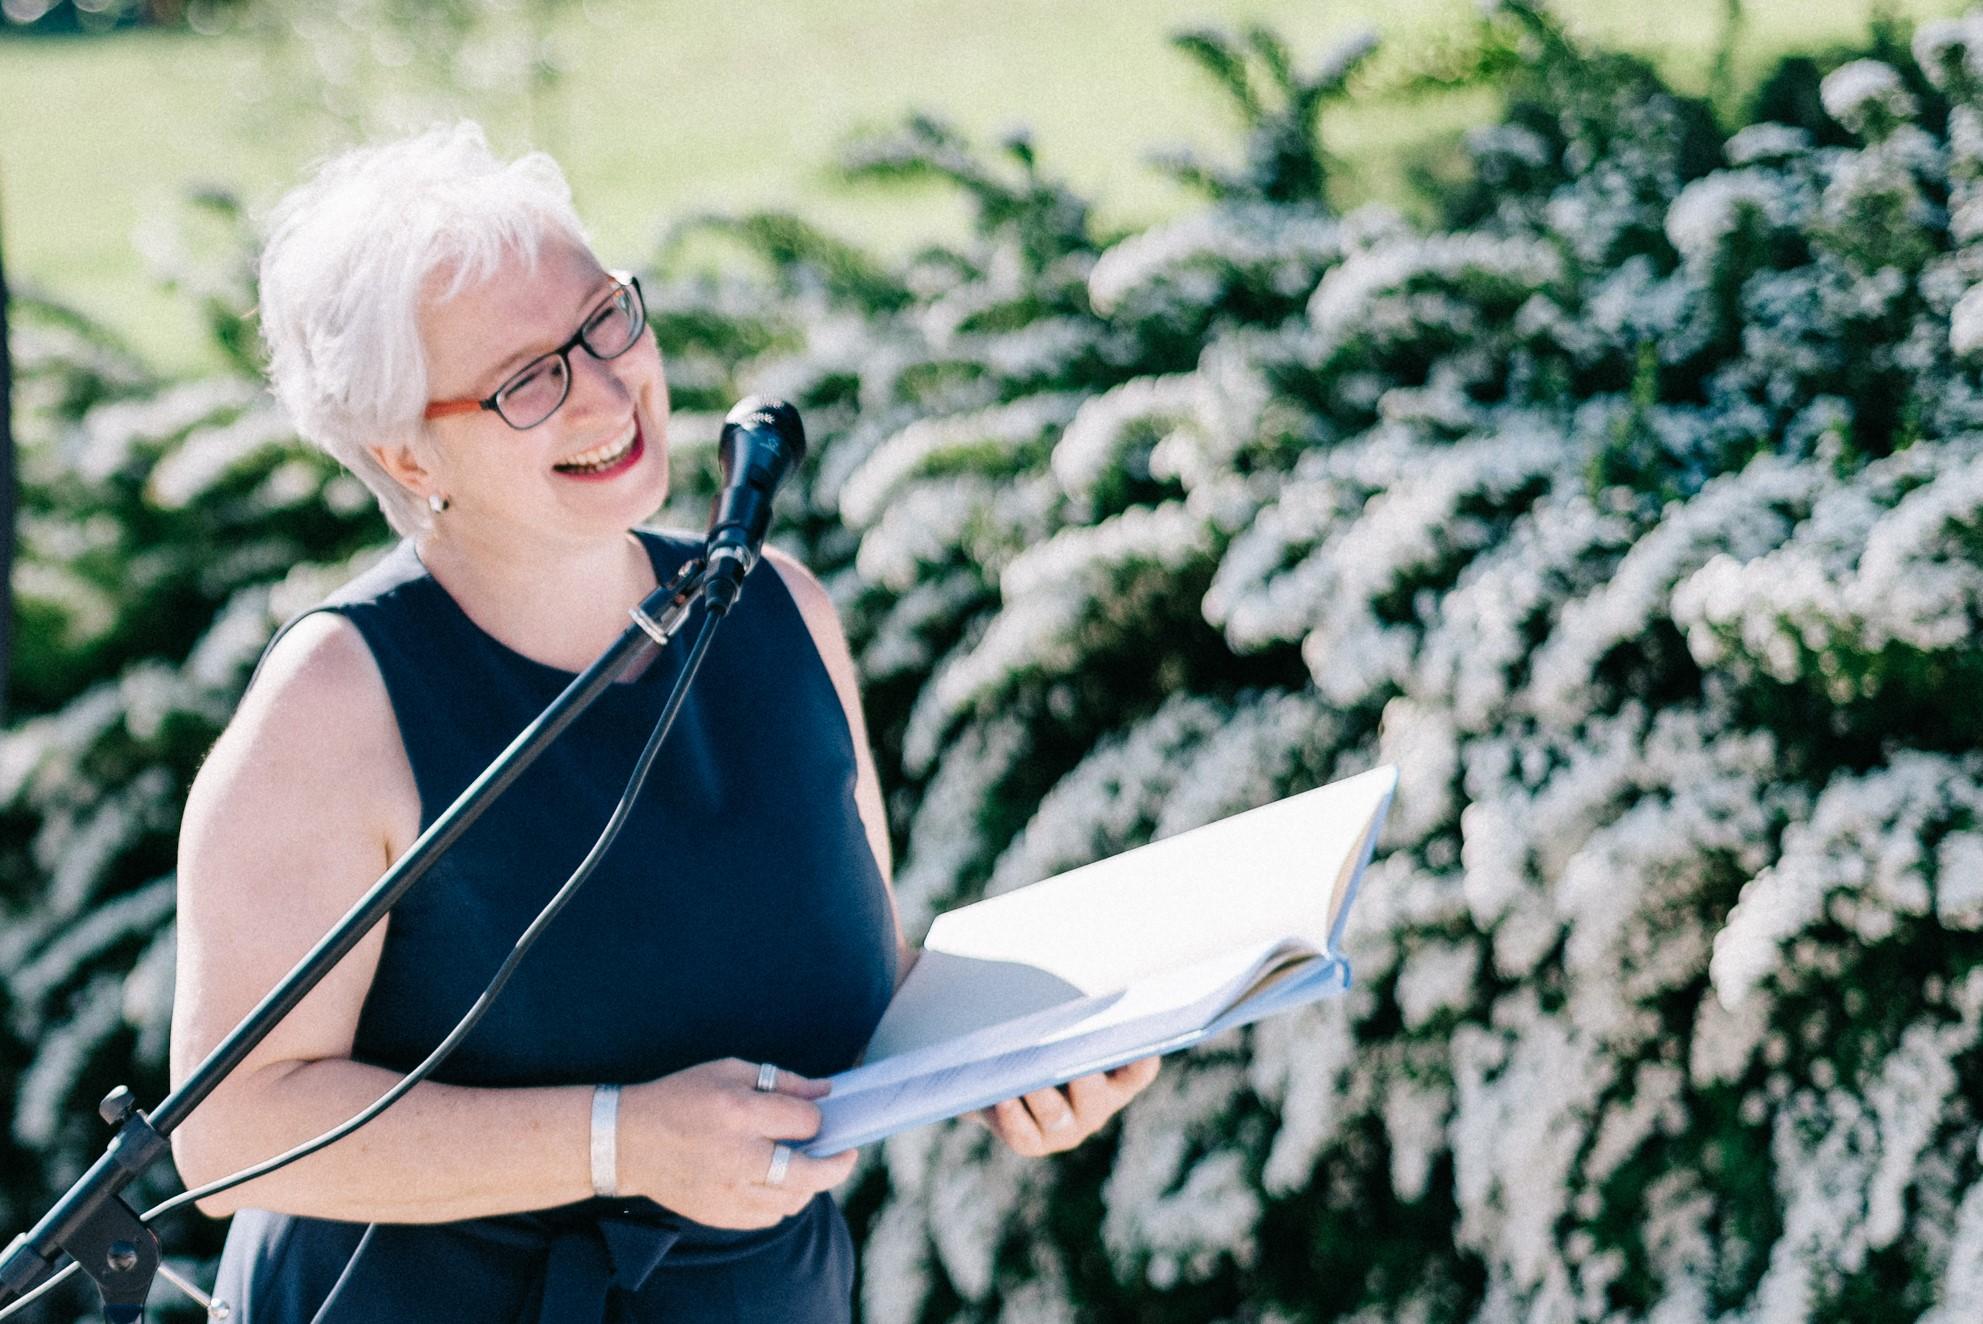 Freie Traurednerin in München in Aktion | Die Hochzeiterin, Michaela Burch